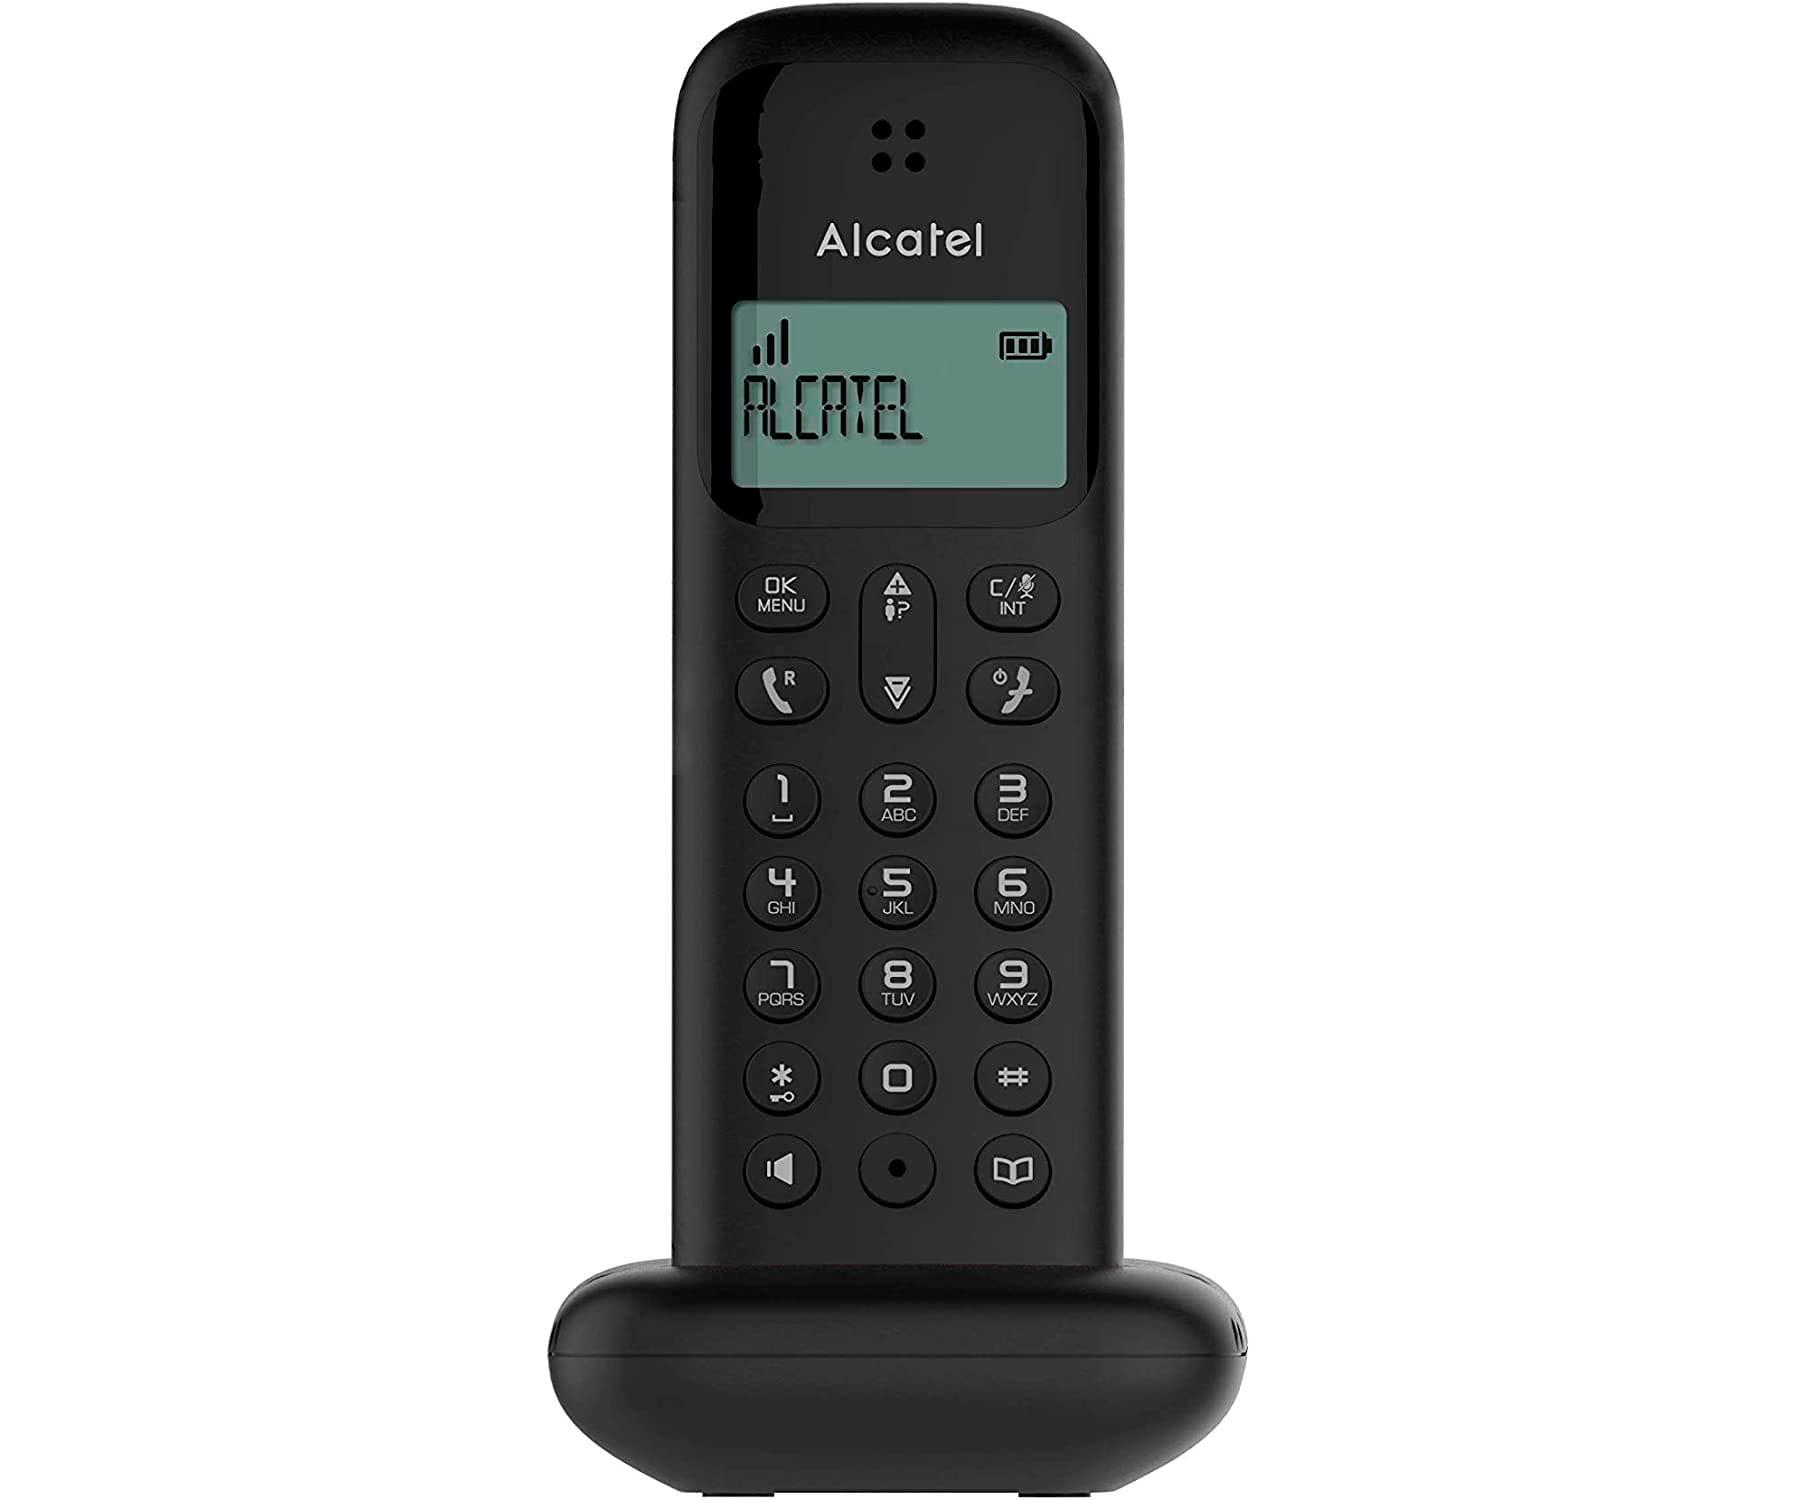 ALCATEL D285 NEGRO TELÉFONO FIJO INALÁMBRICO PANTALLA SENCILLO Y ELEGANTE